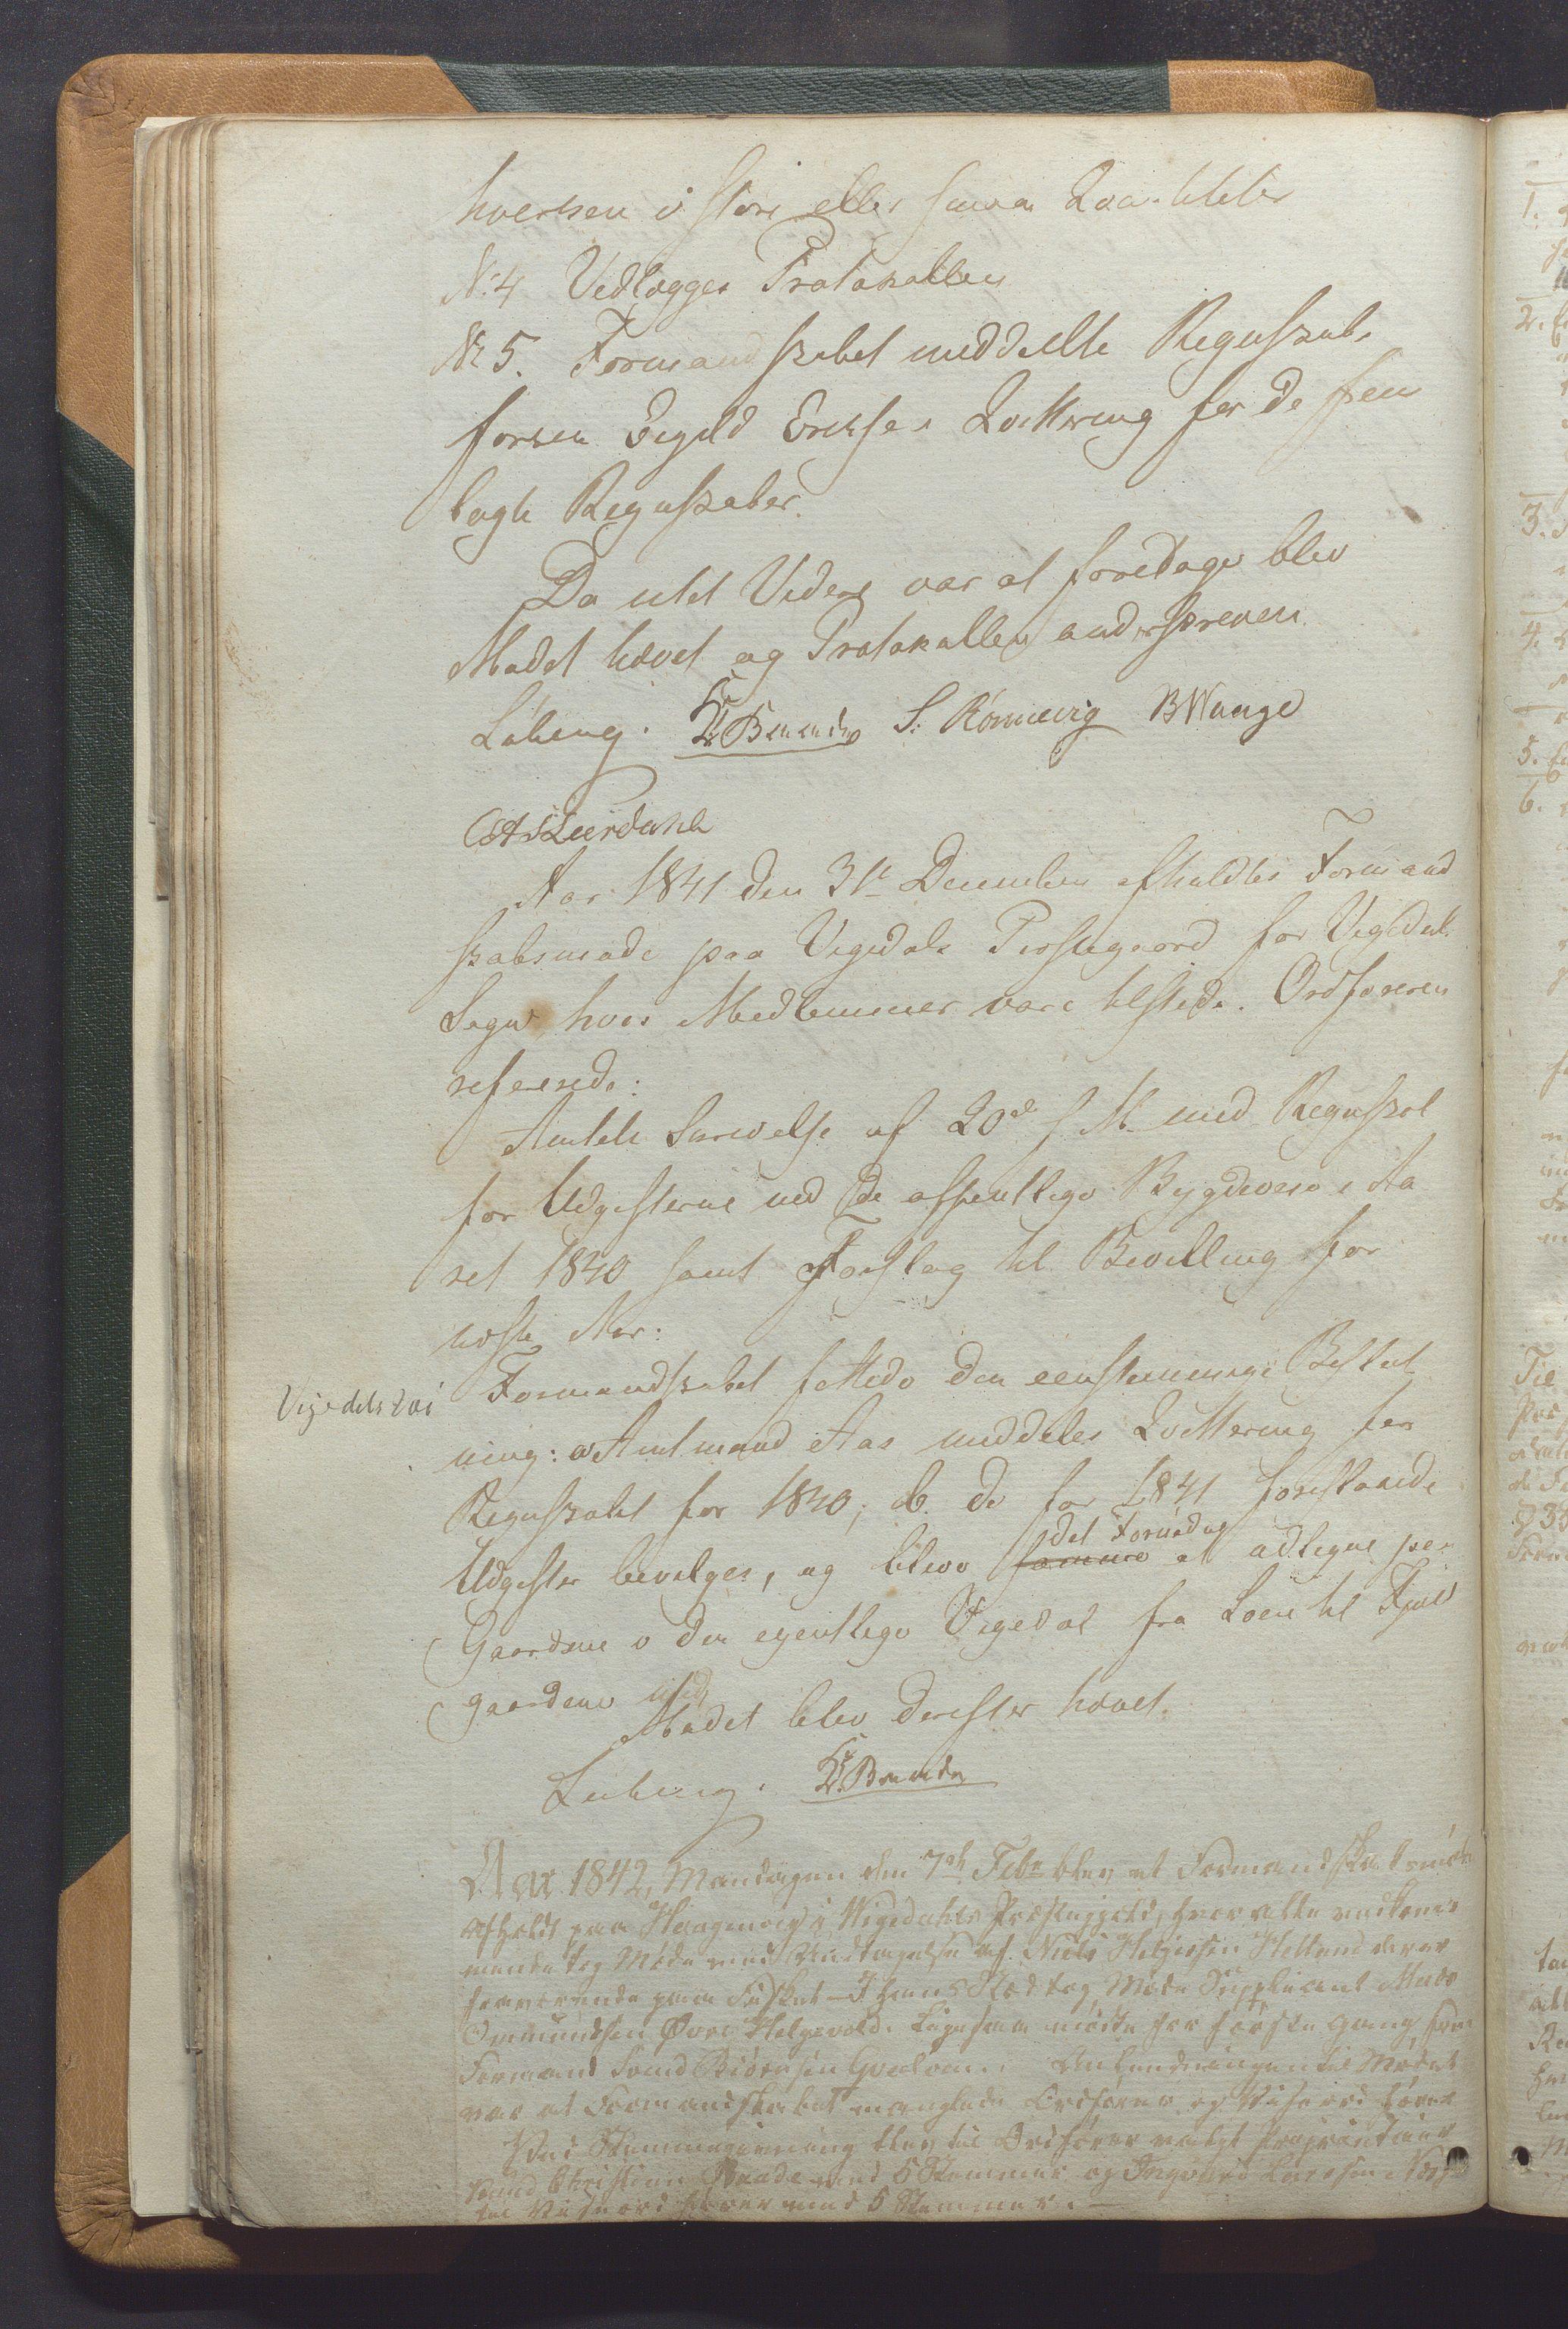 IKAR, Vikedal kommune - Formannskapet, Aaa/L0001: Møtebok, 1837-1874, s. 42b